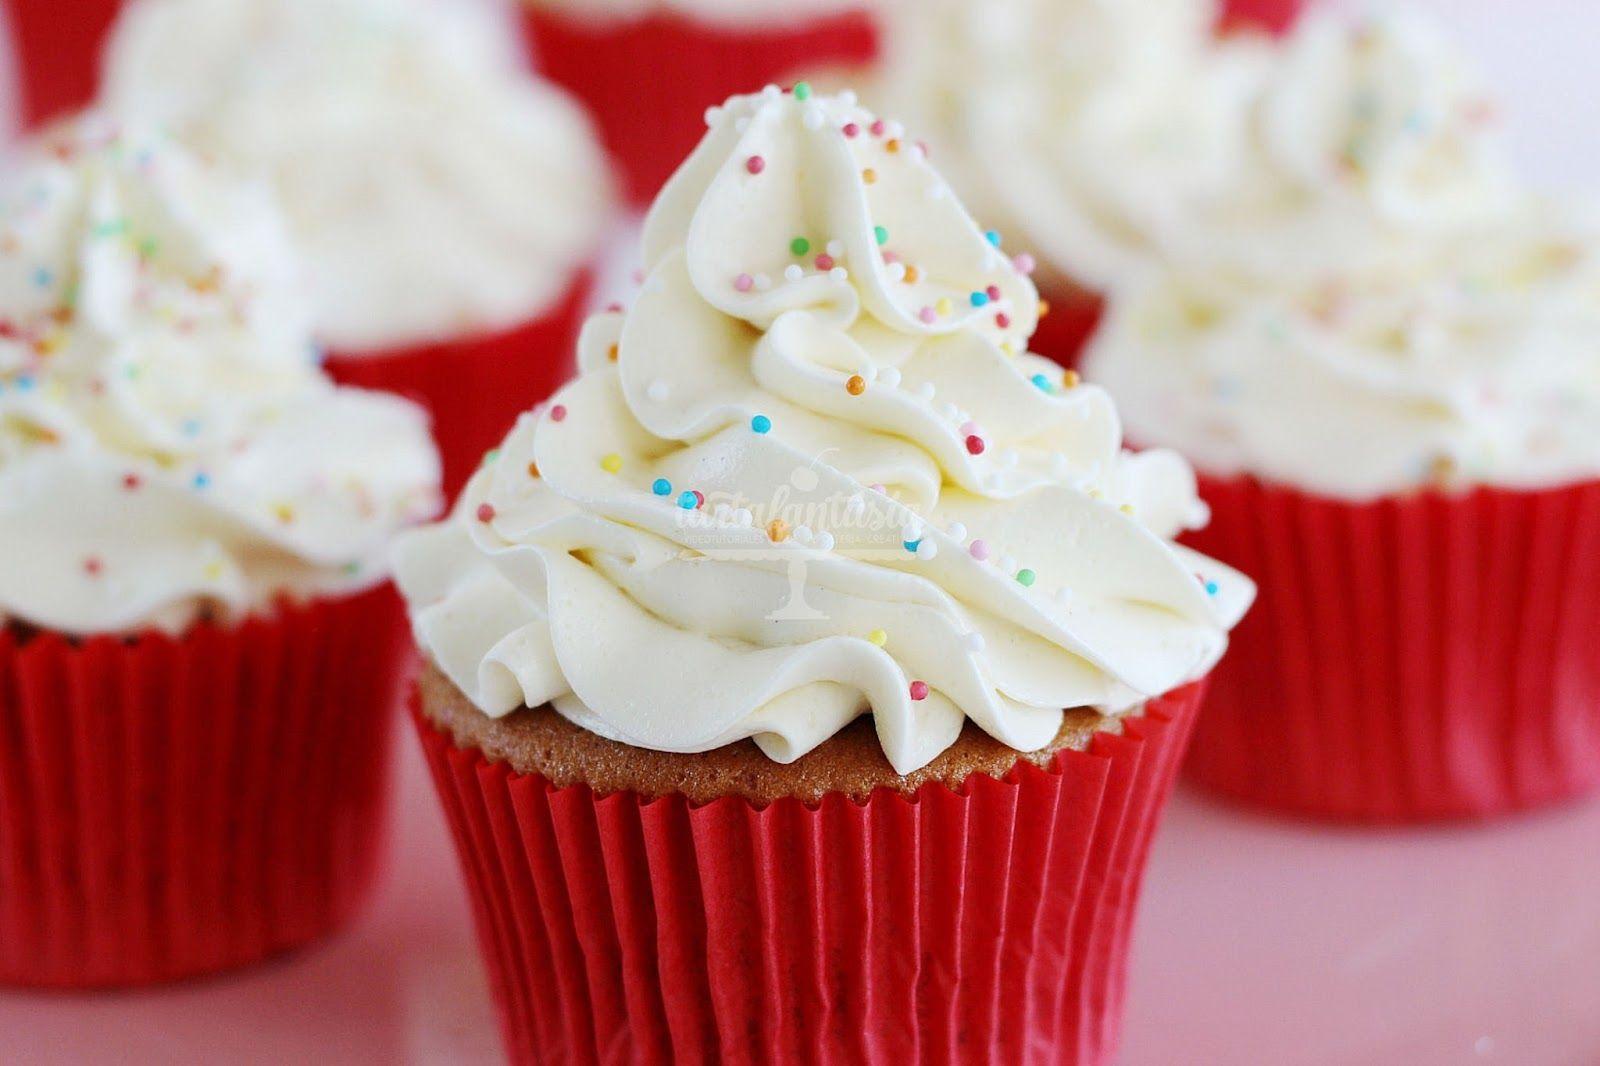 Como Hacer Almibar O Jarabe Para Mejorar Tartas Y Cupcakes Dulces Pastel De Cupcakes Reposteria Recetas